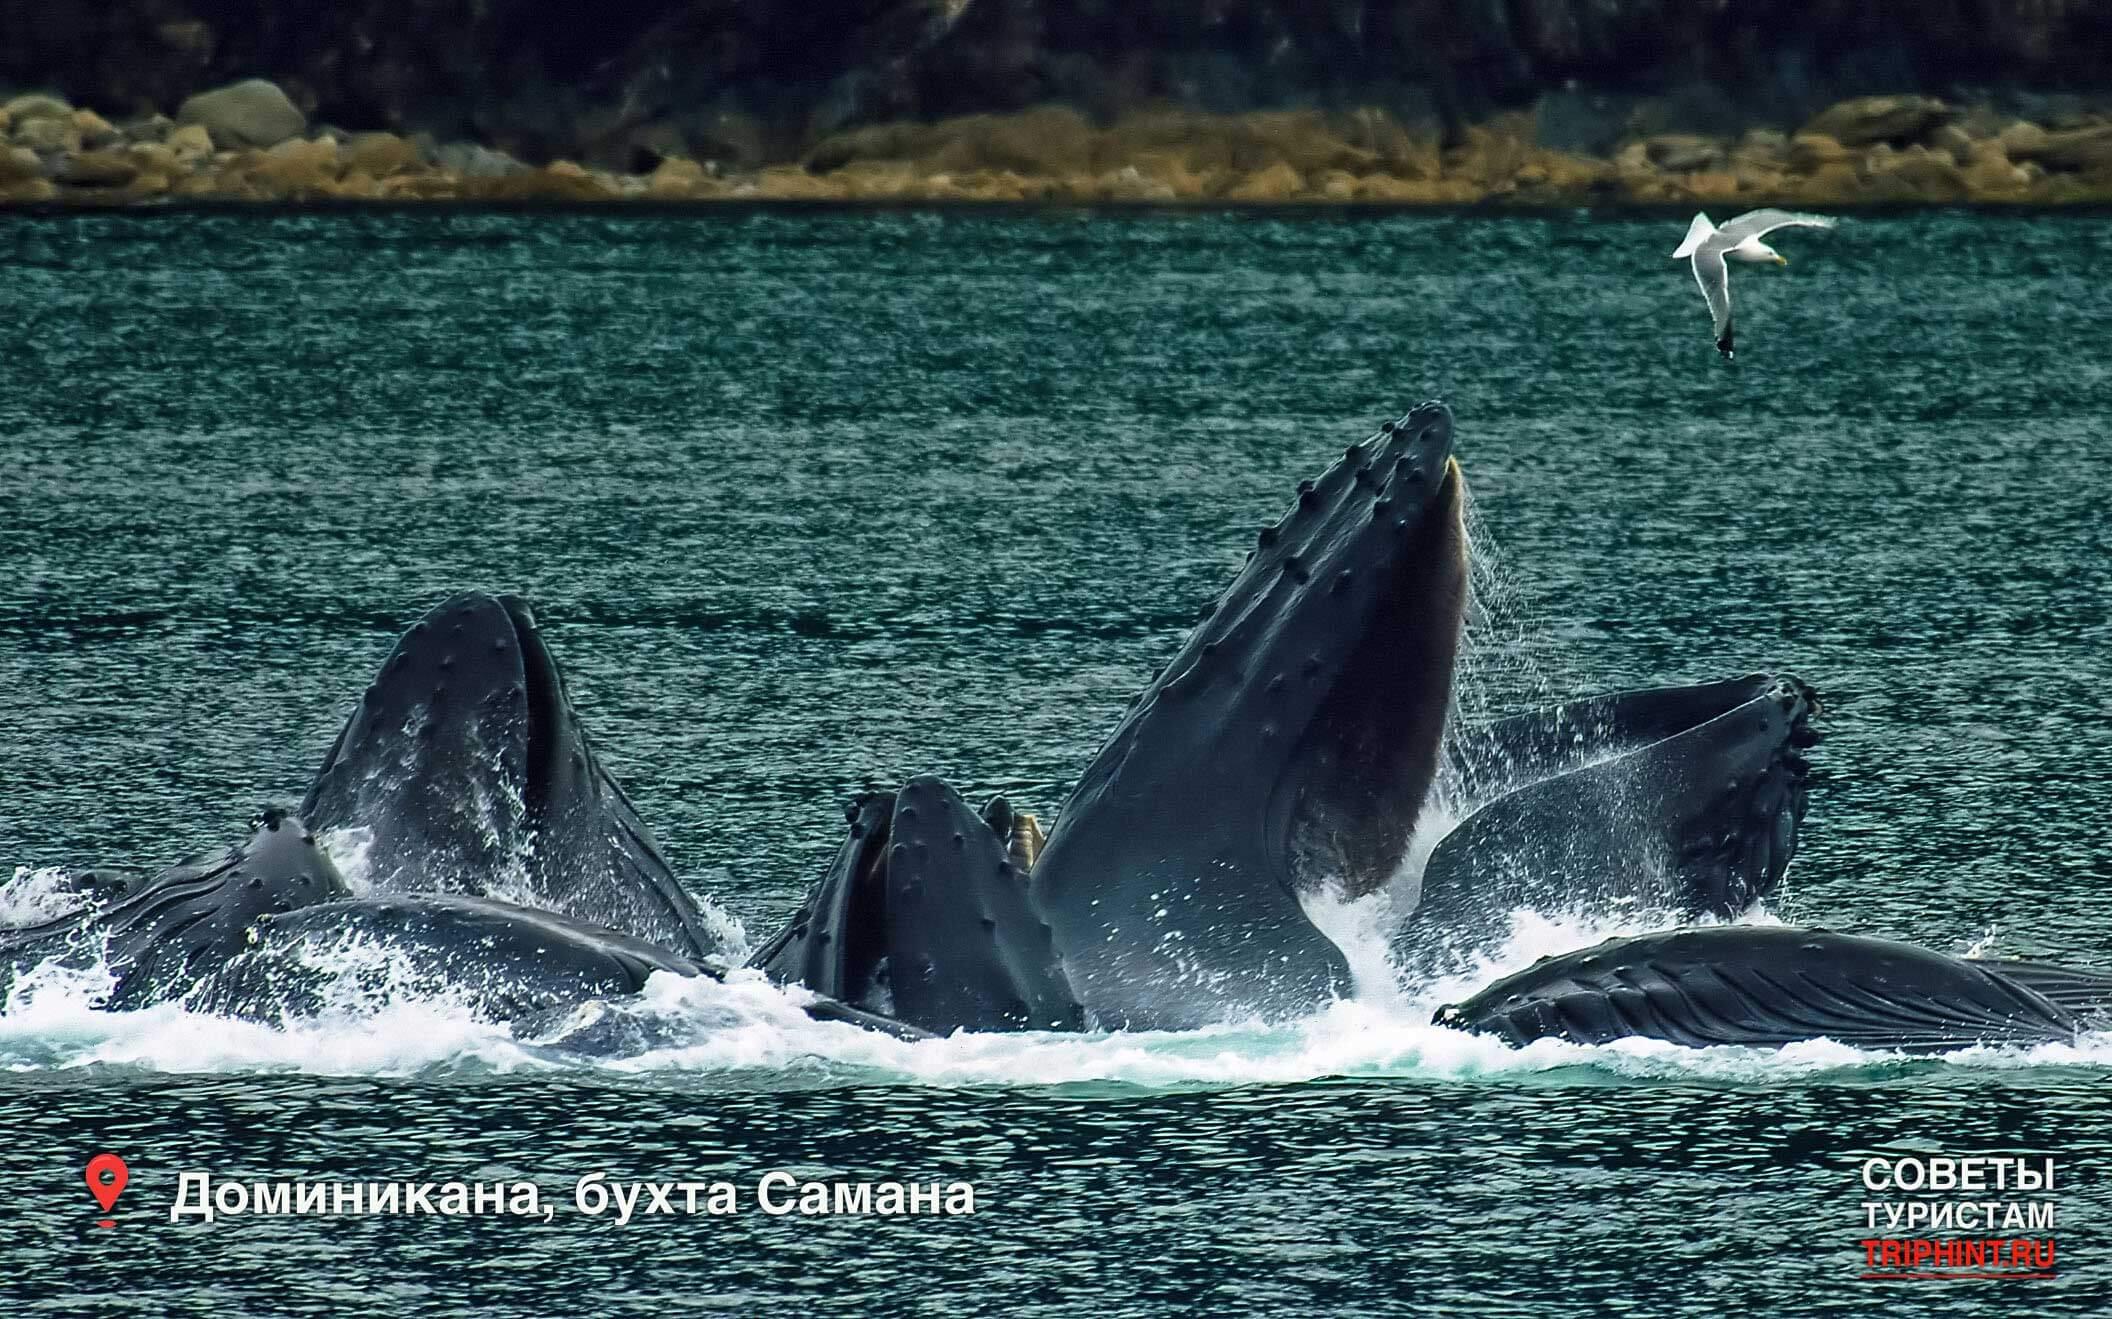 Что посетить в Доминикане в декабре: бухта Самана, горбатые киты